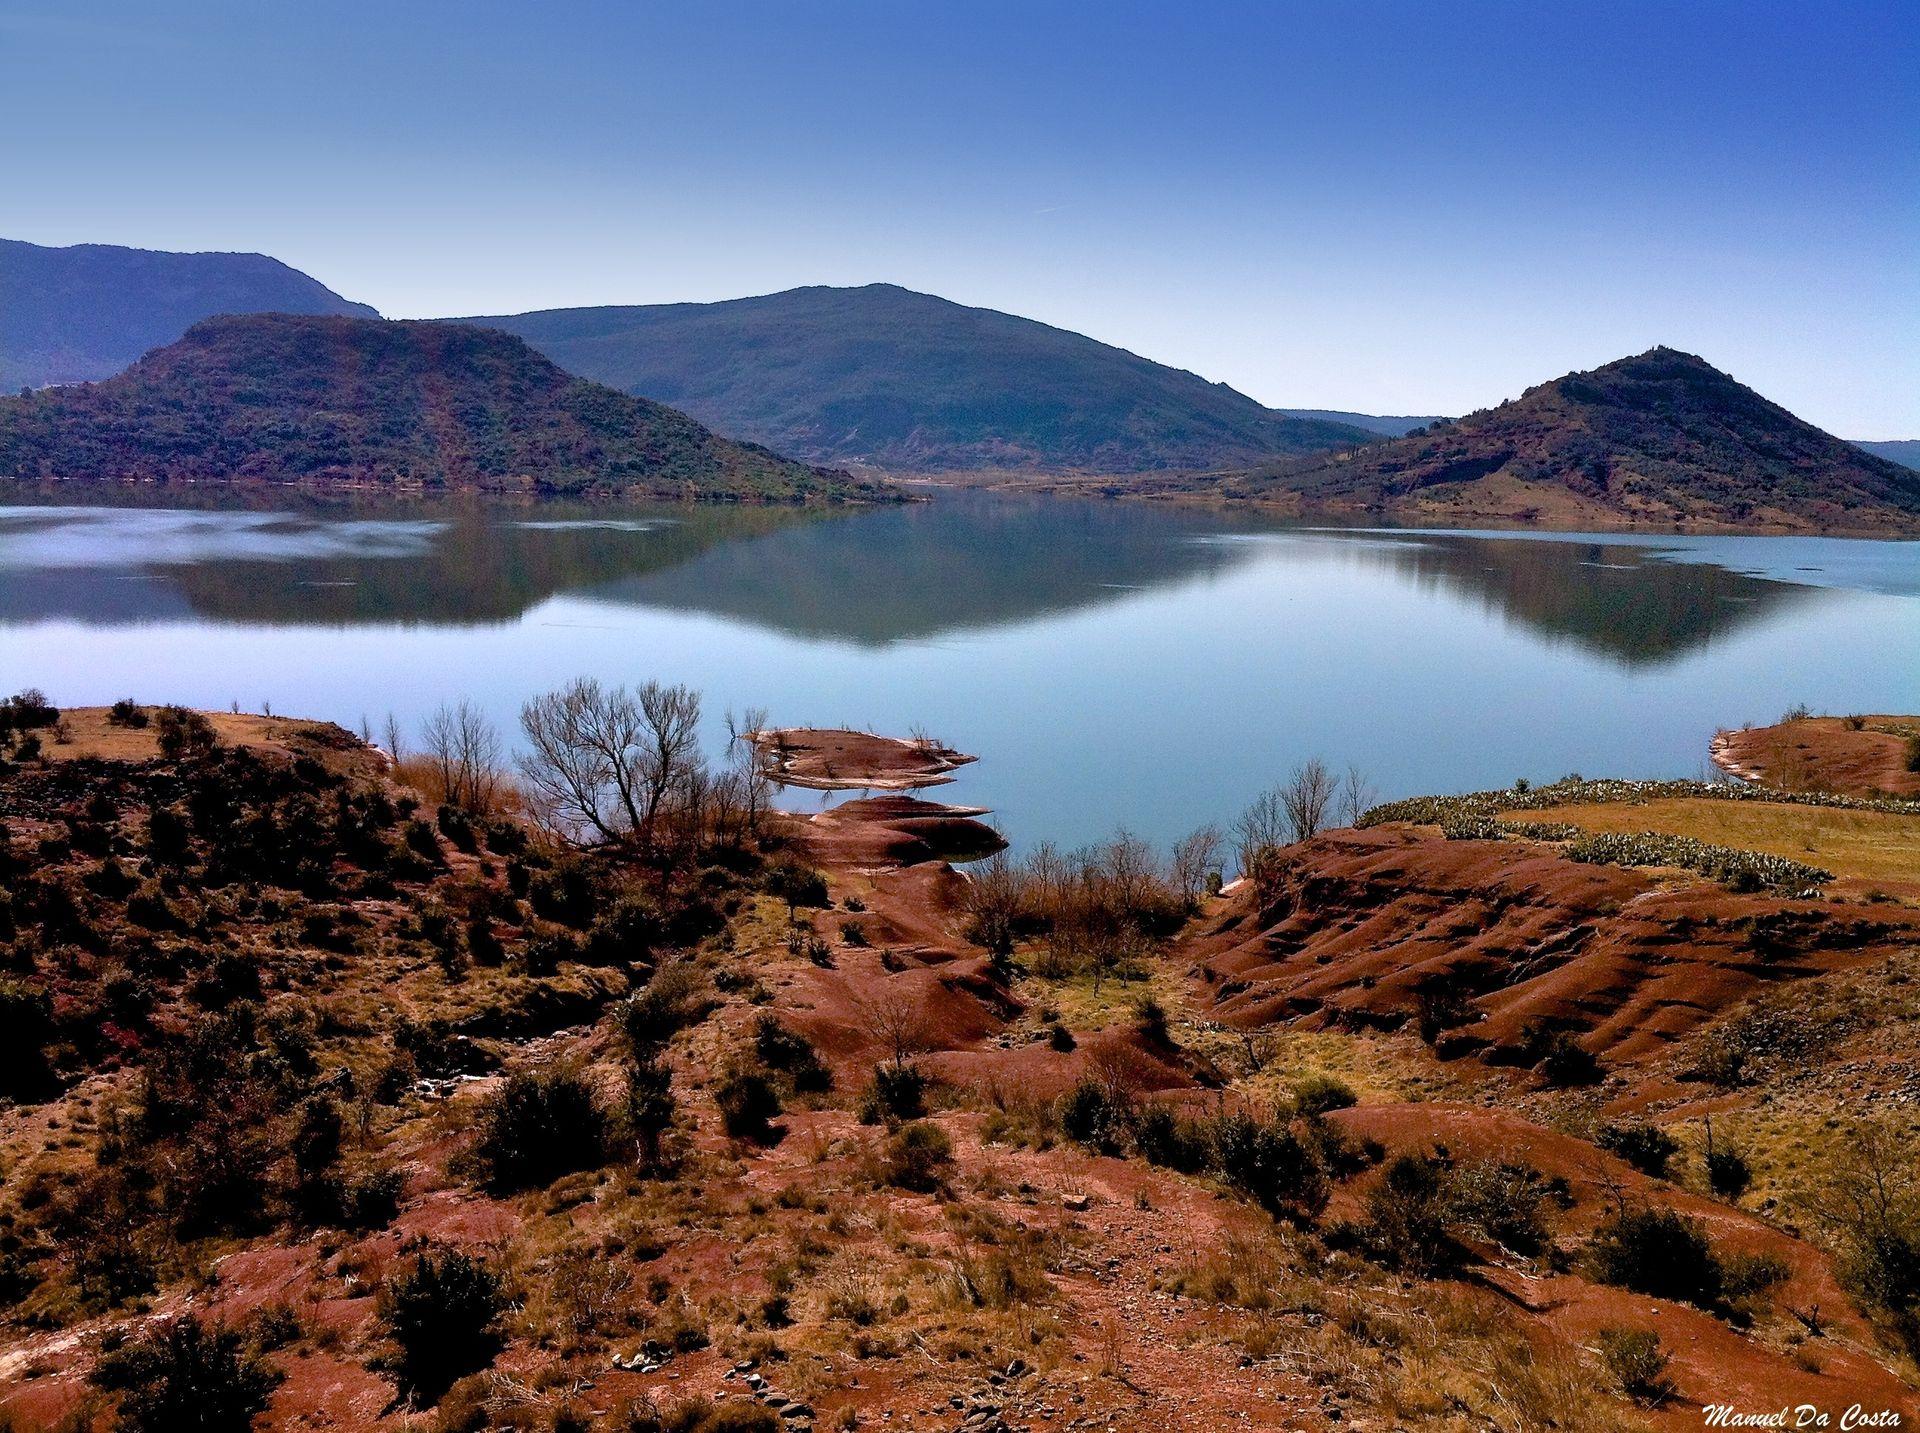 Les ruffes du lac du Salagou se reflètent dans le lac